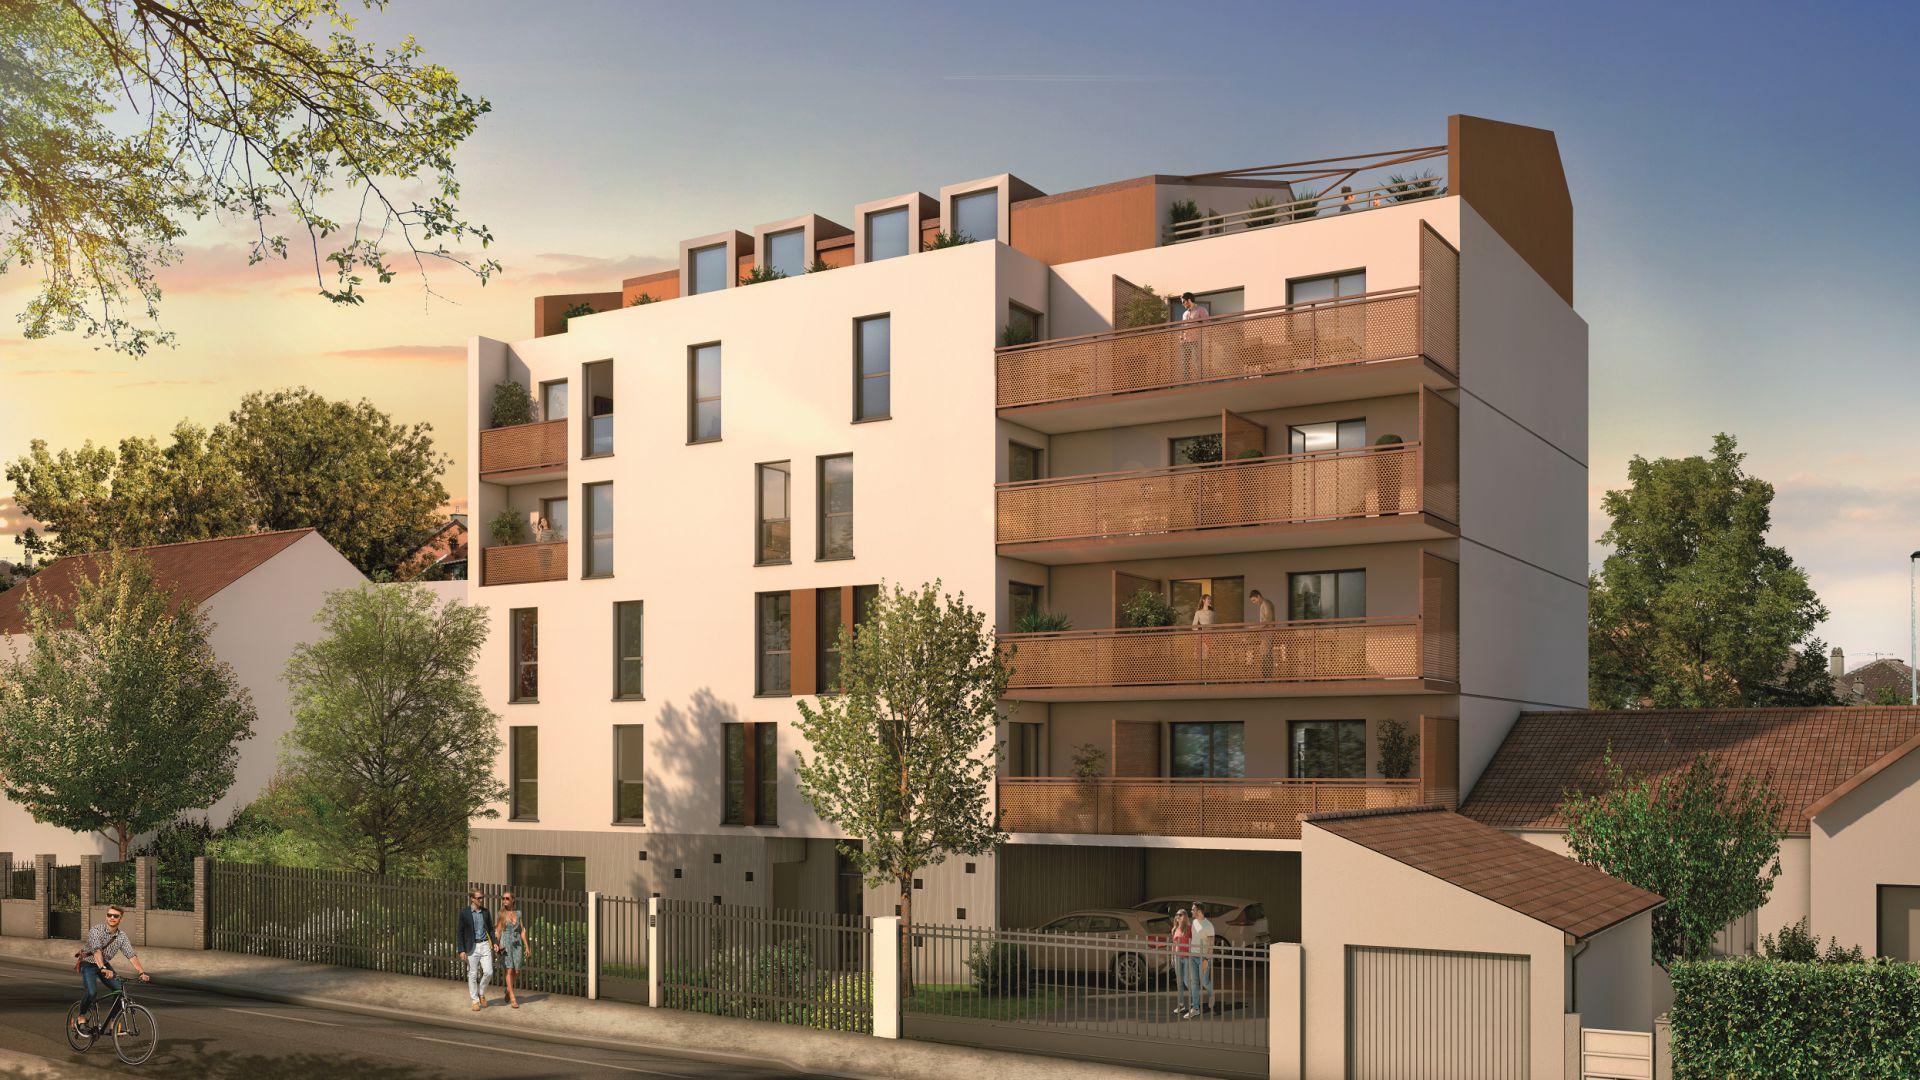 GreenCity immobilier - Sucy en Brie - 94370 - Résidence du Grand val - appartement neuf du T1 au T5